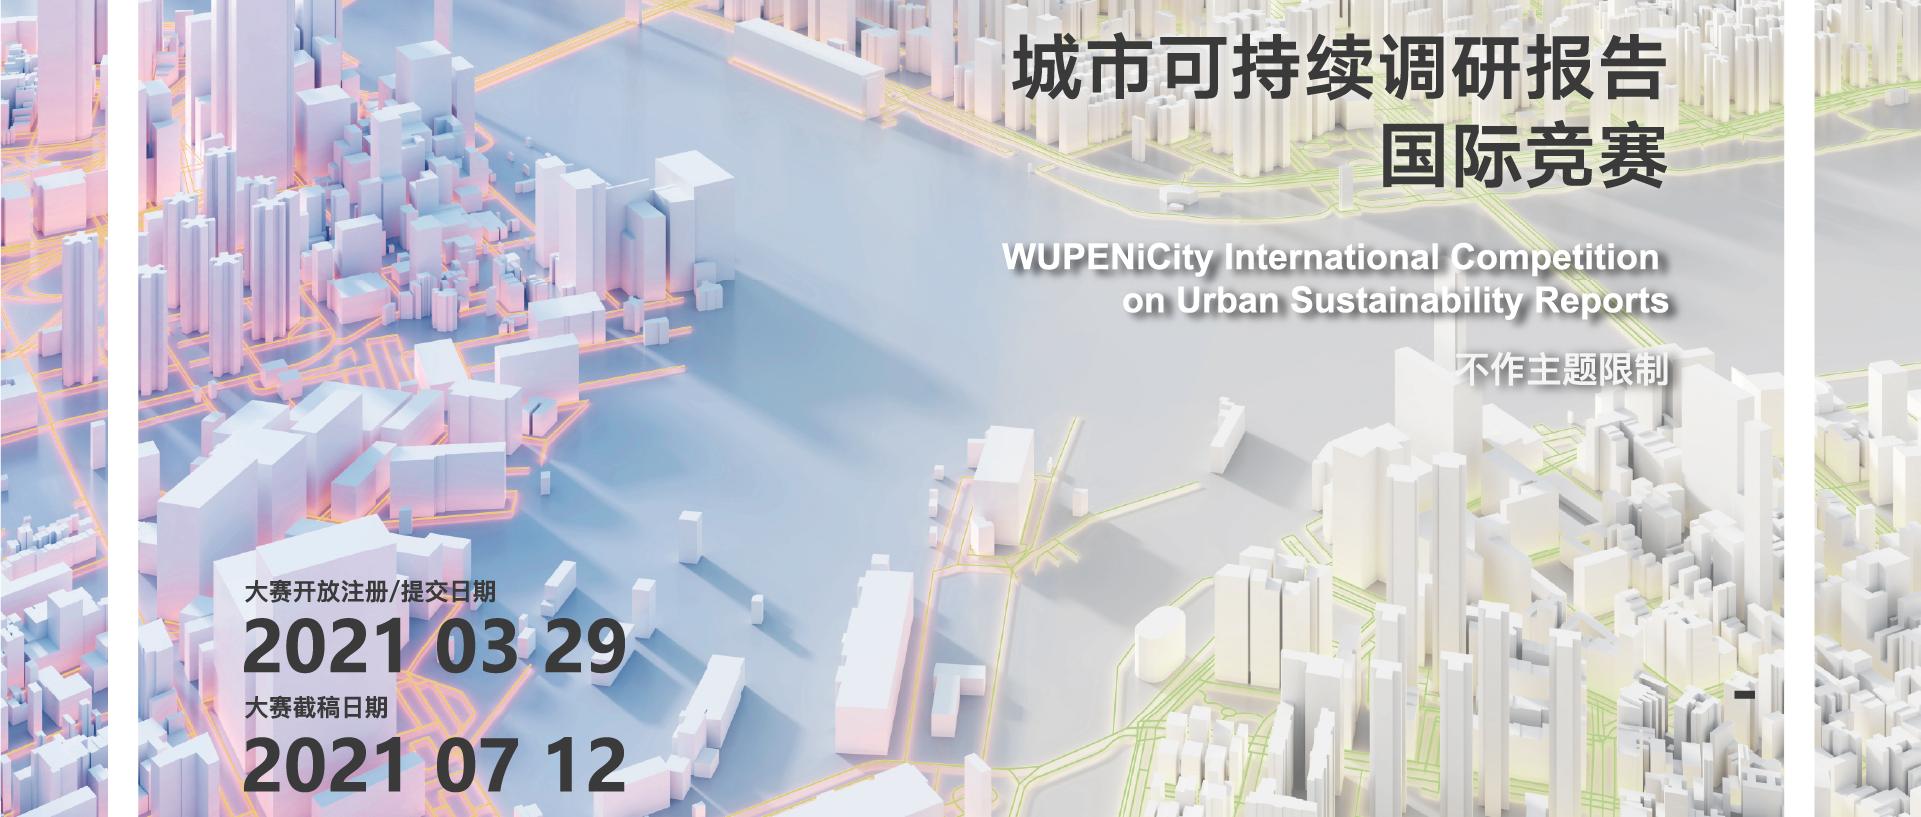 城市可持续调研报告国际竞赛